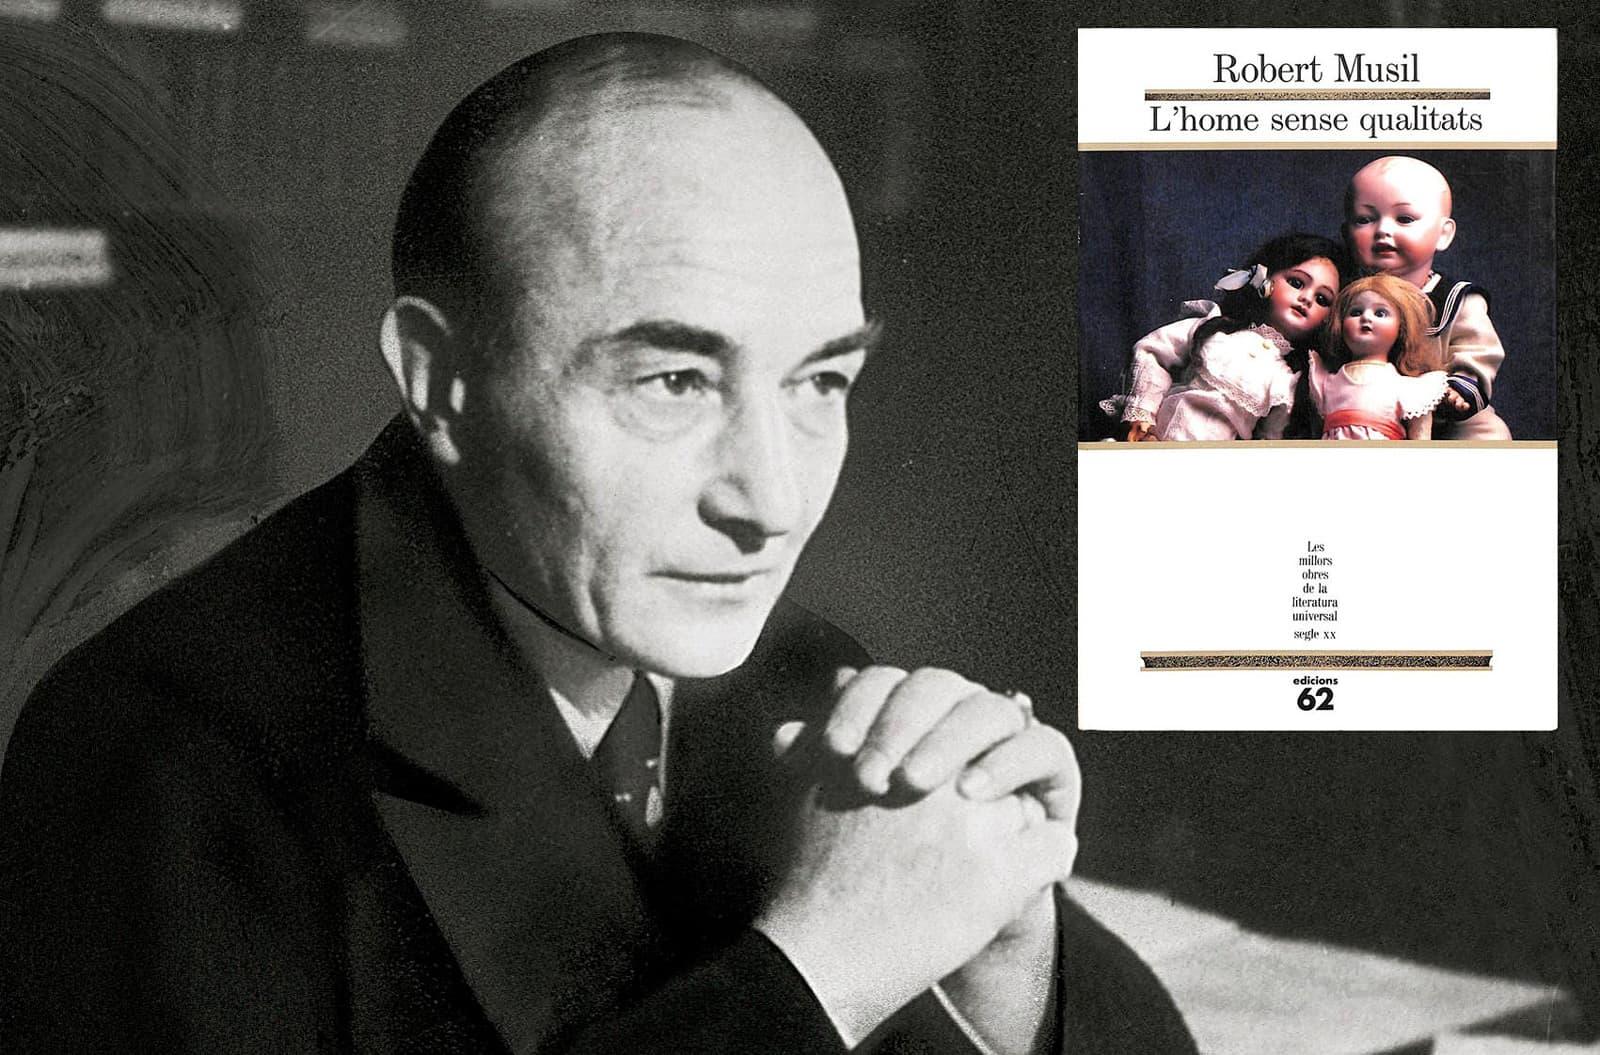 L'escriptor austríac Robert Musil (1880-1942) i el seu llibre L'home sense qualitats. Fotografia de Getty Images.